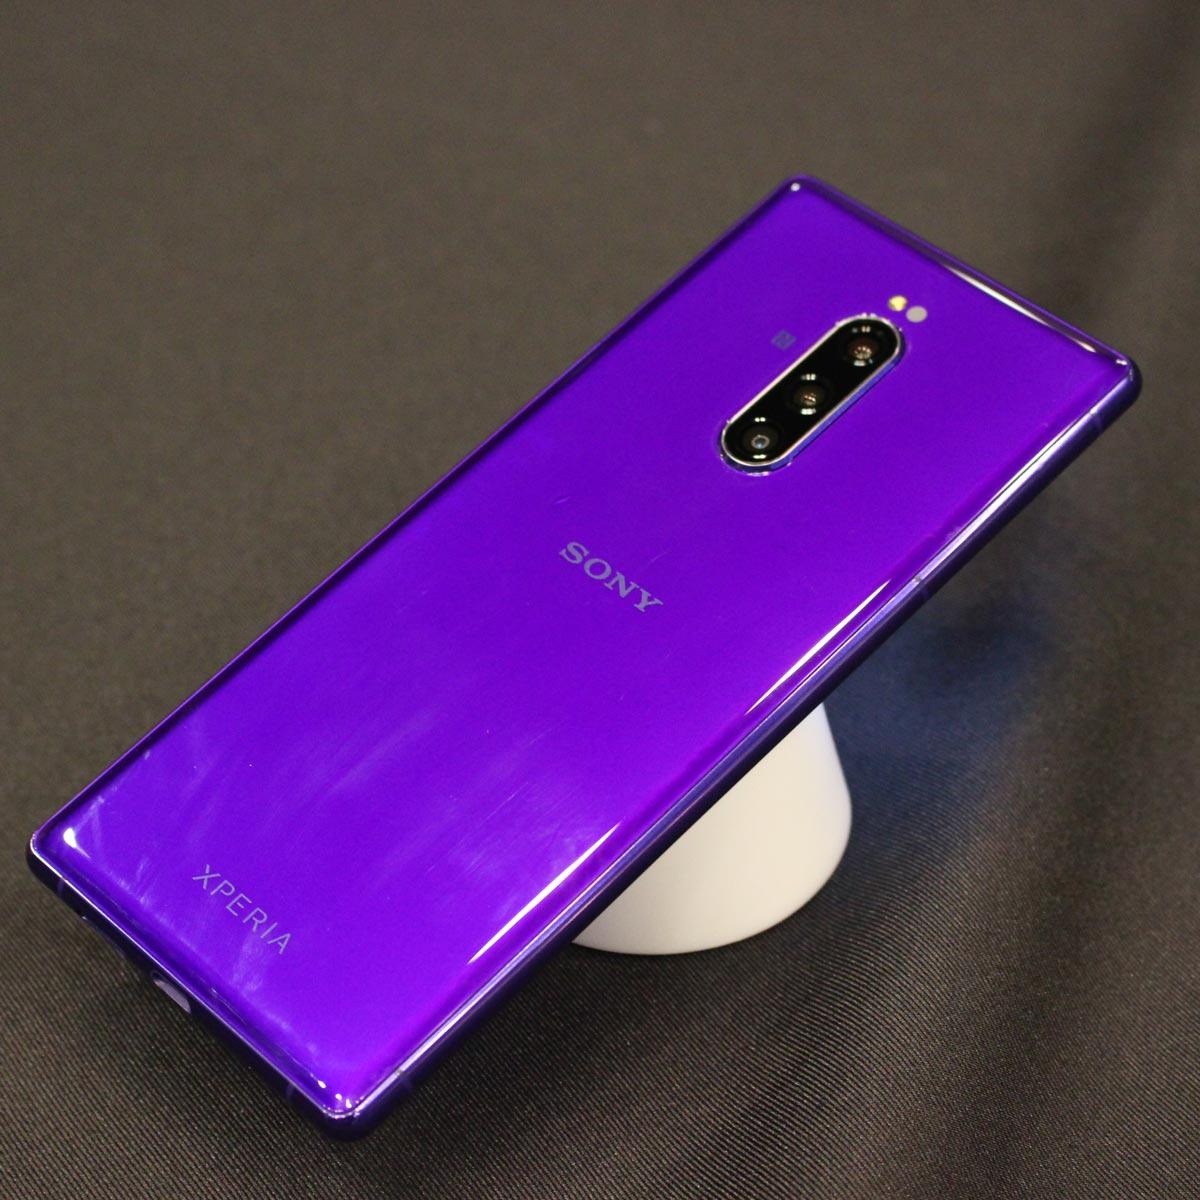 国内初披露された、ソニーの新型ハイエンドスマホ「Xperia 1」速報レポート